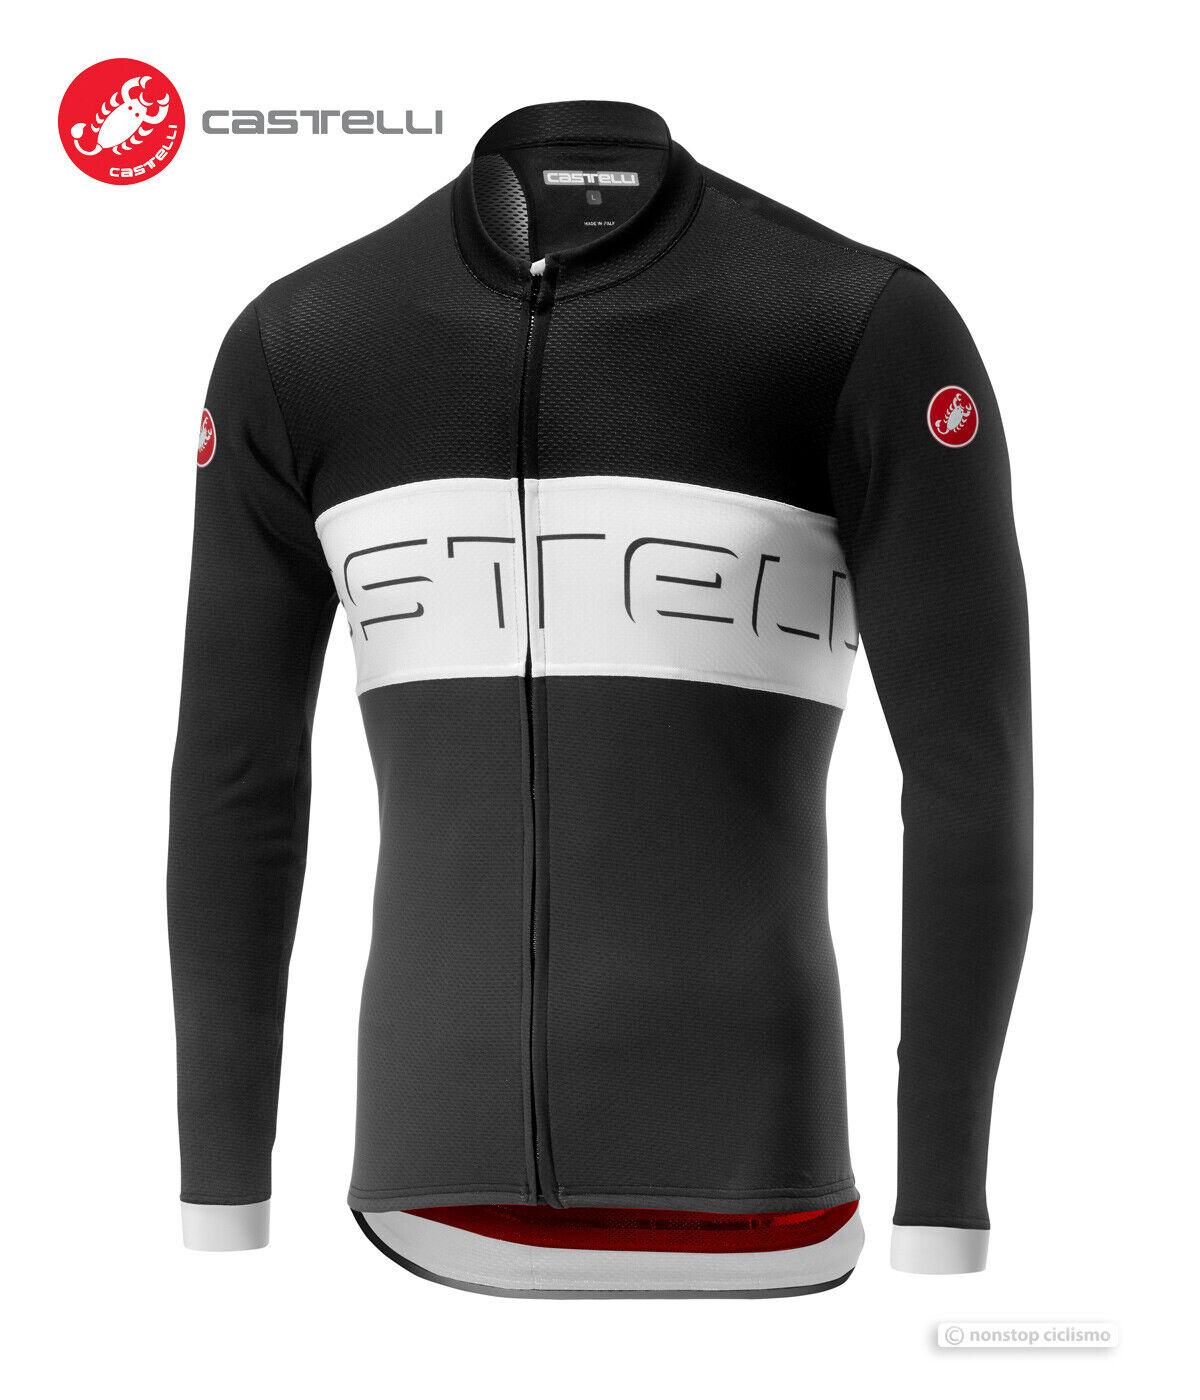 Castelli 2019 Prologo VI Lang Radsport Jersey  Schwarz Elfenbein Dunkelgrau